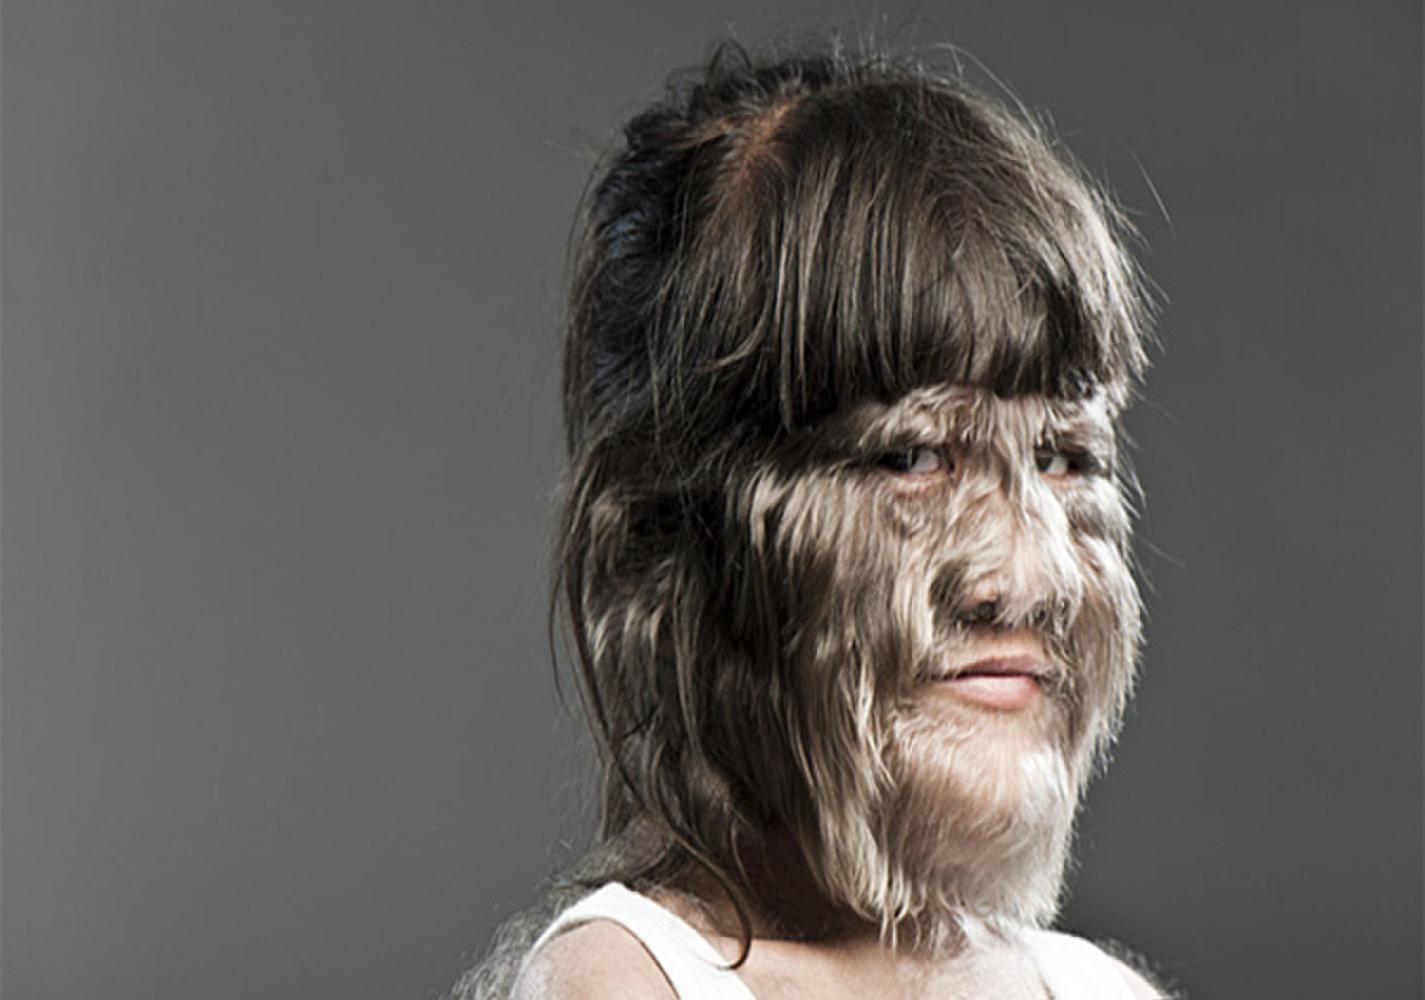 جين المستذئبين هو المسؤول عن نمو الشعر الزائد لدى البعض